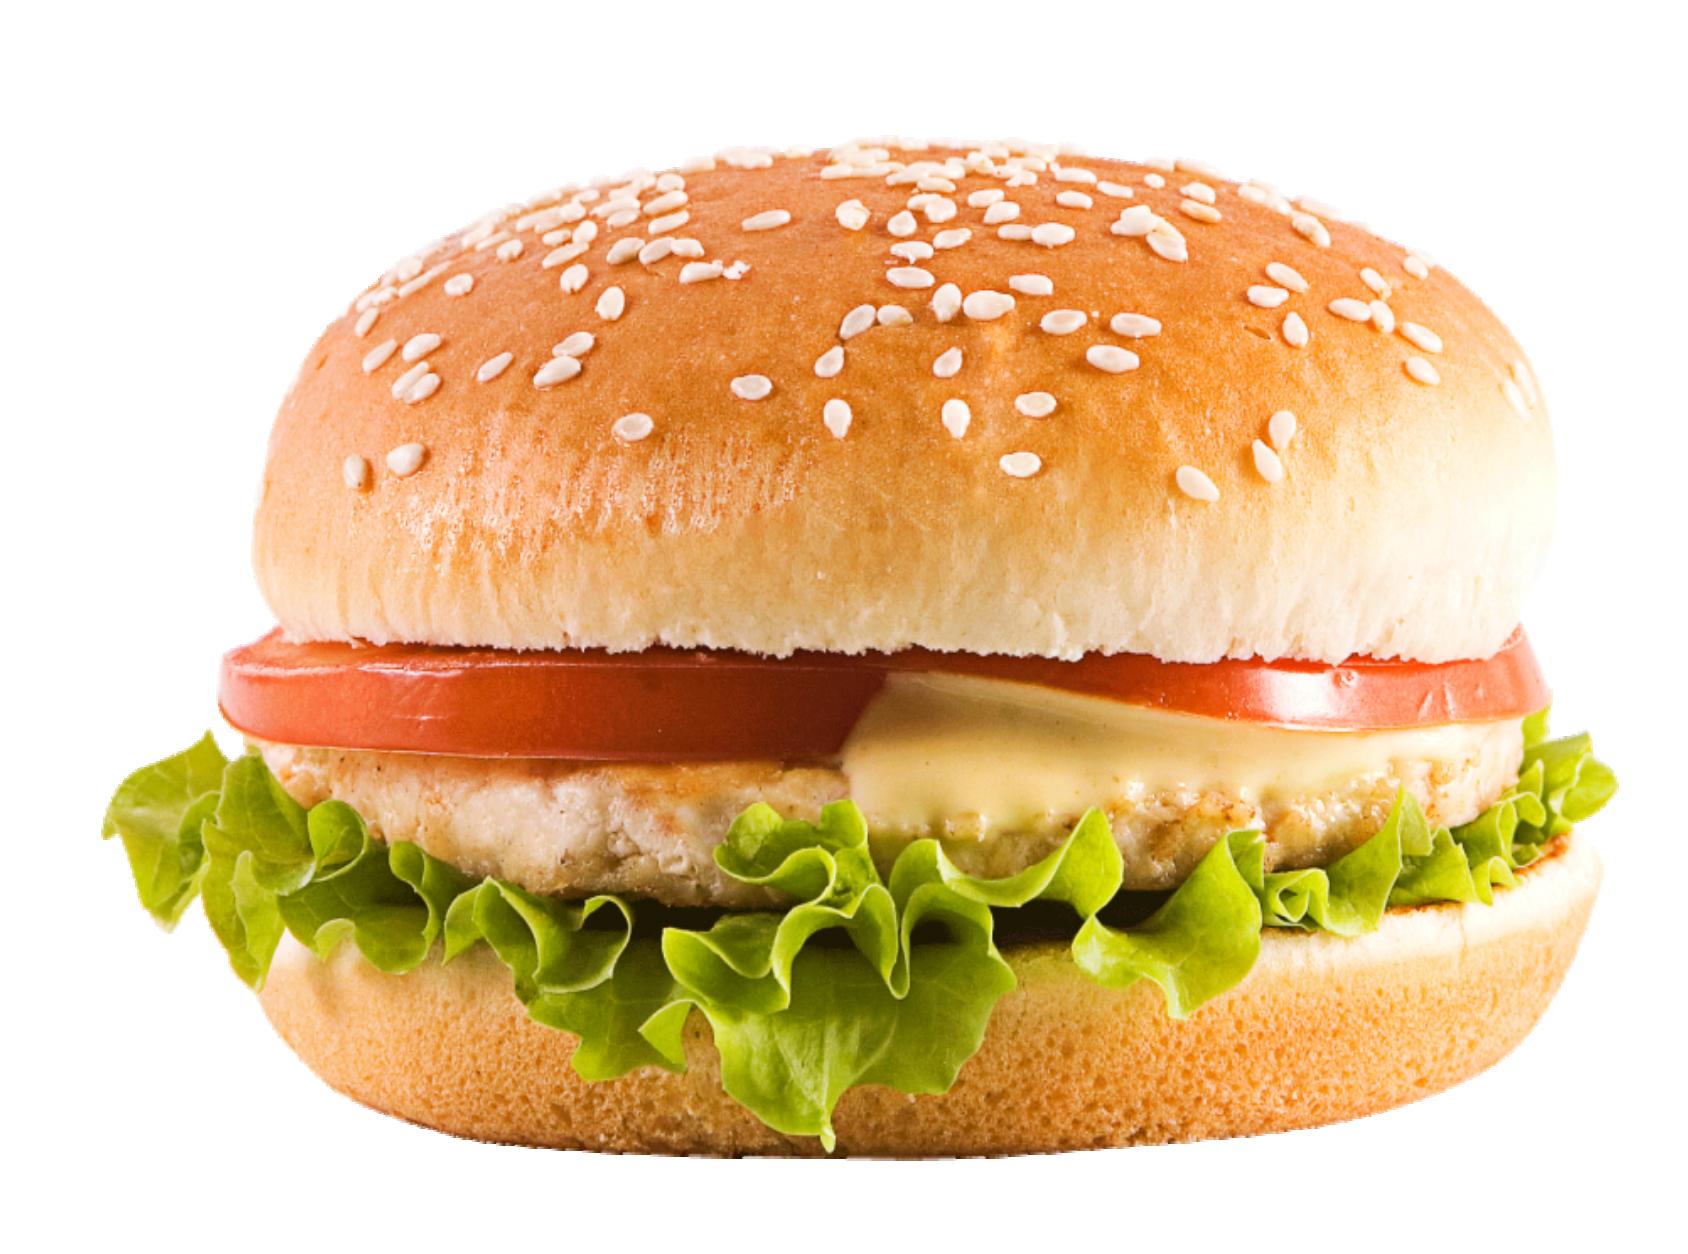 hamburger, burger PNG image - Burger PNG HD